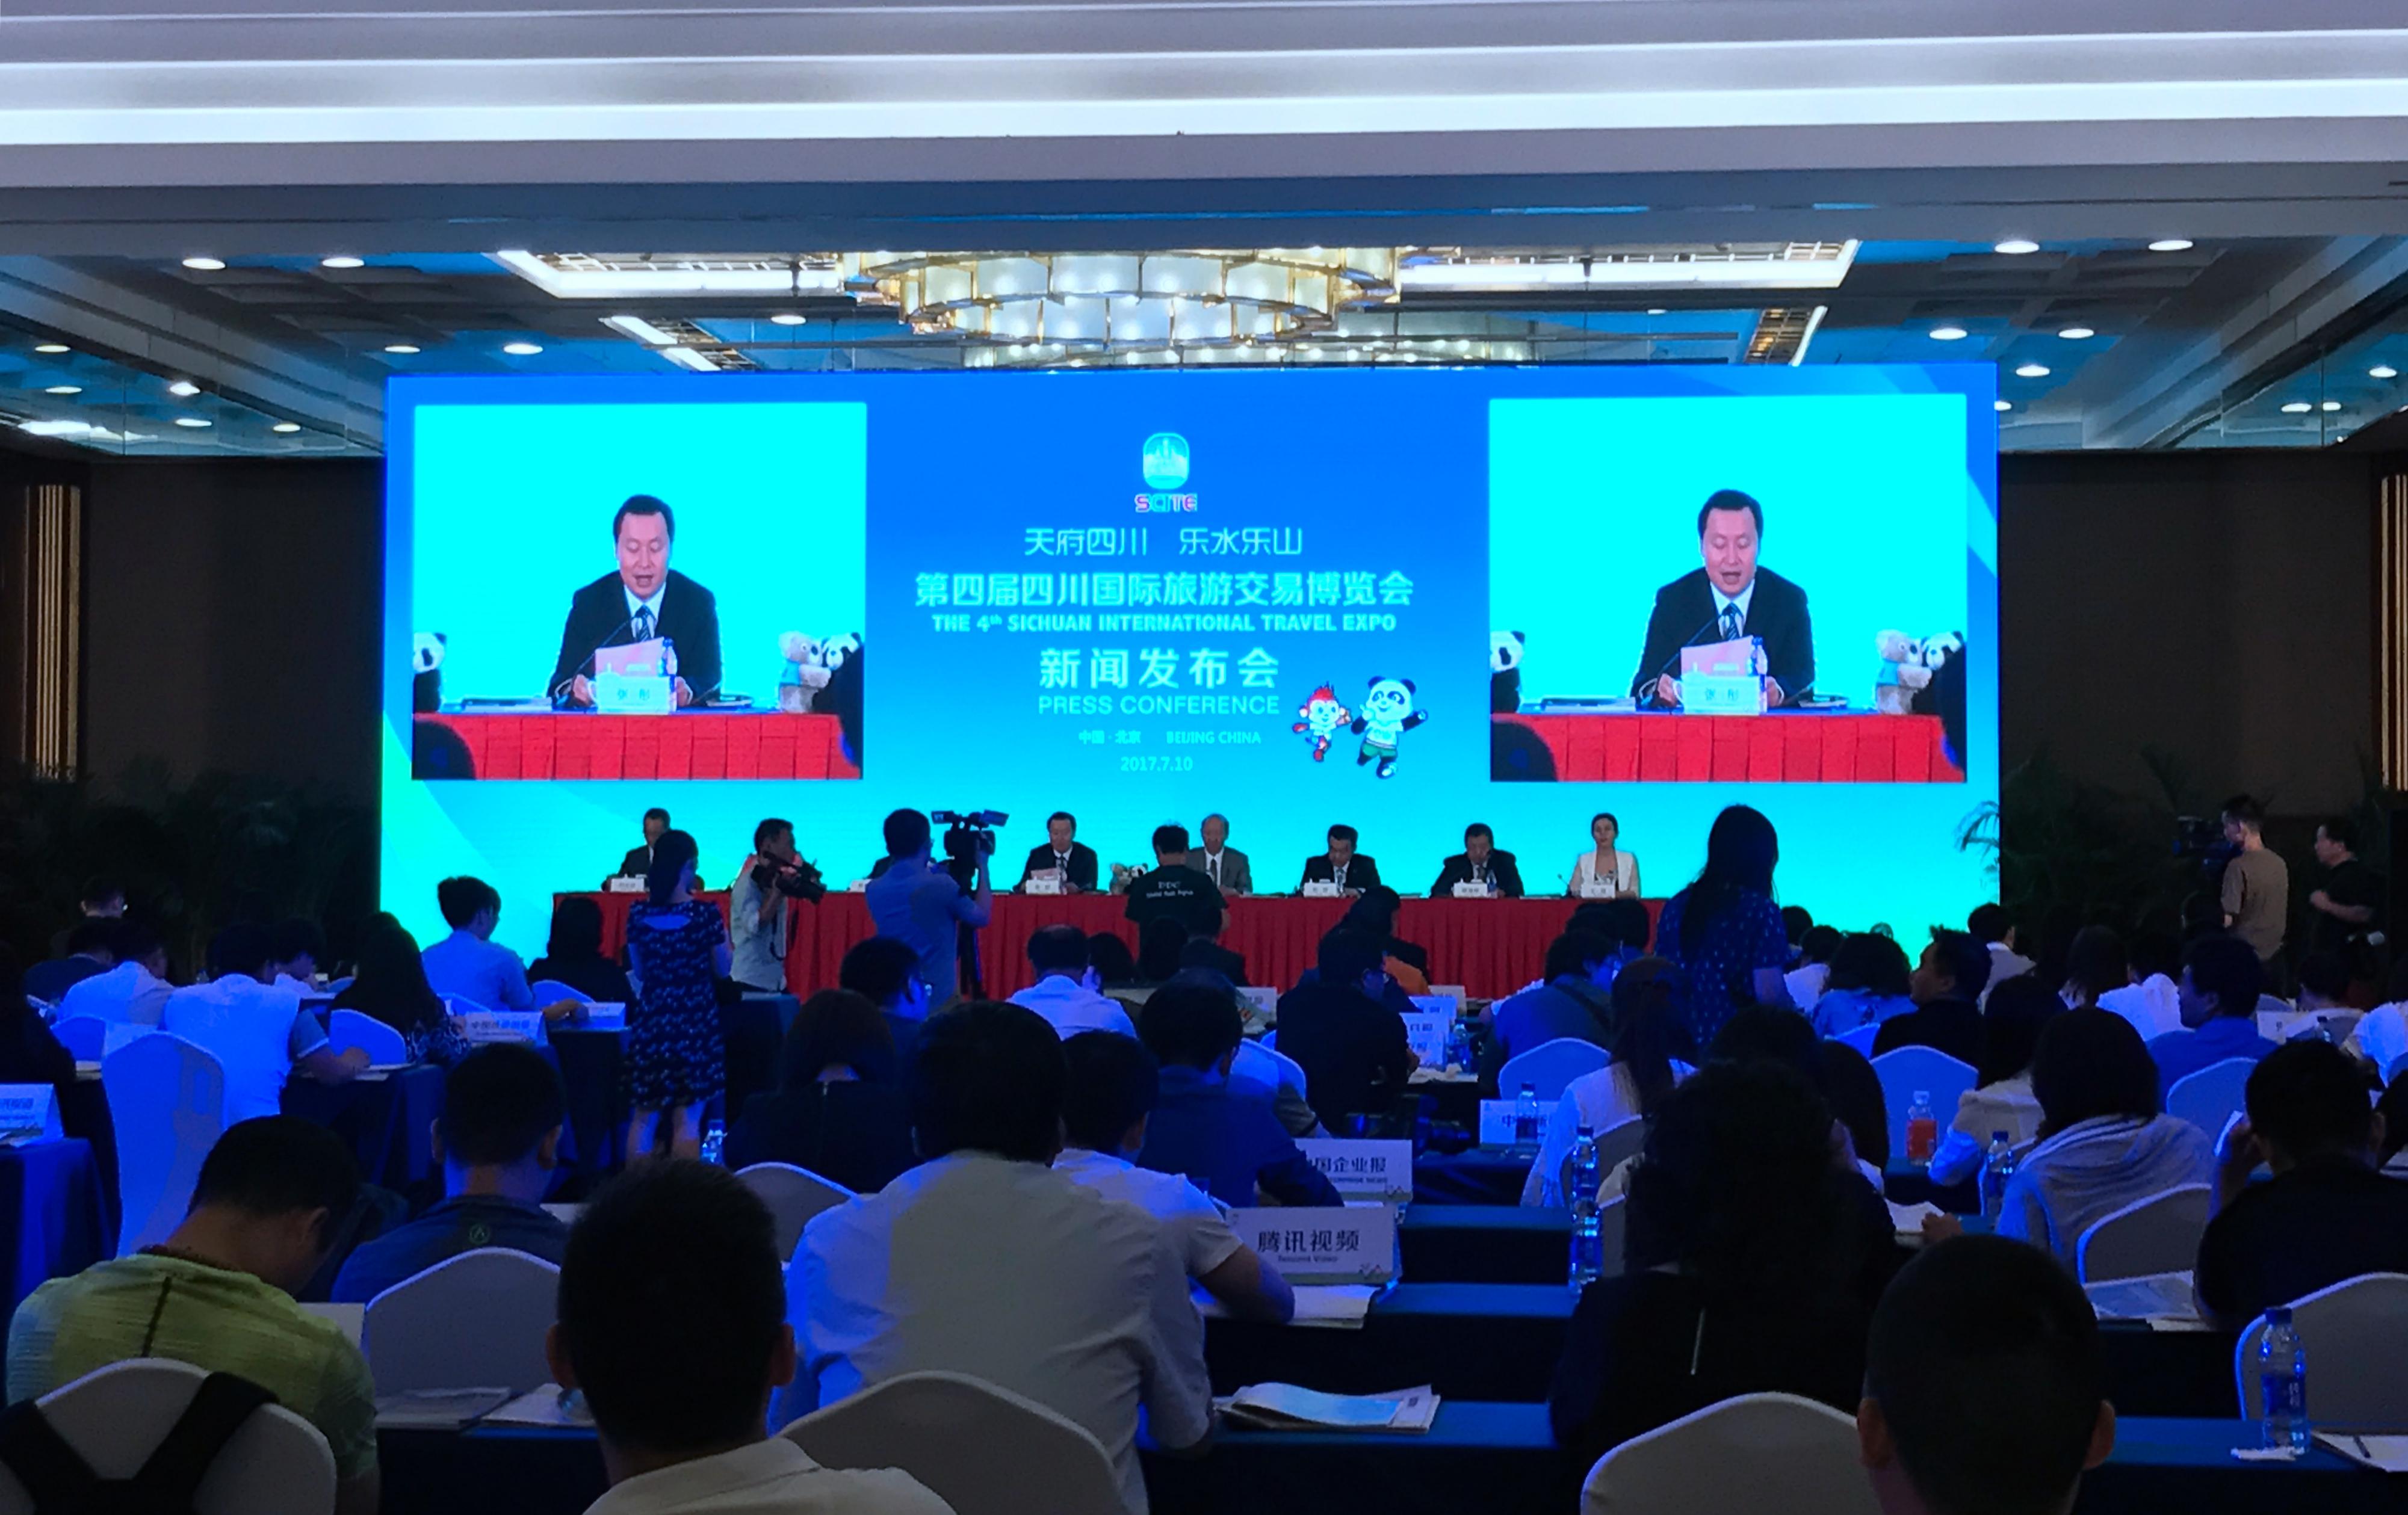 第四届四川国际旅游交易博览会9月17日在乐山开幕